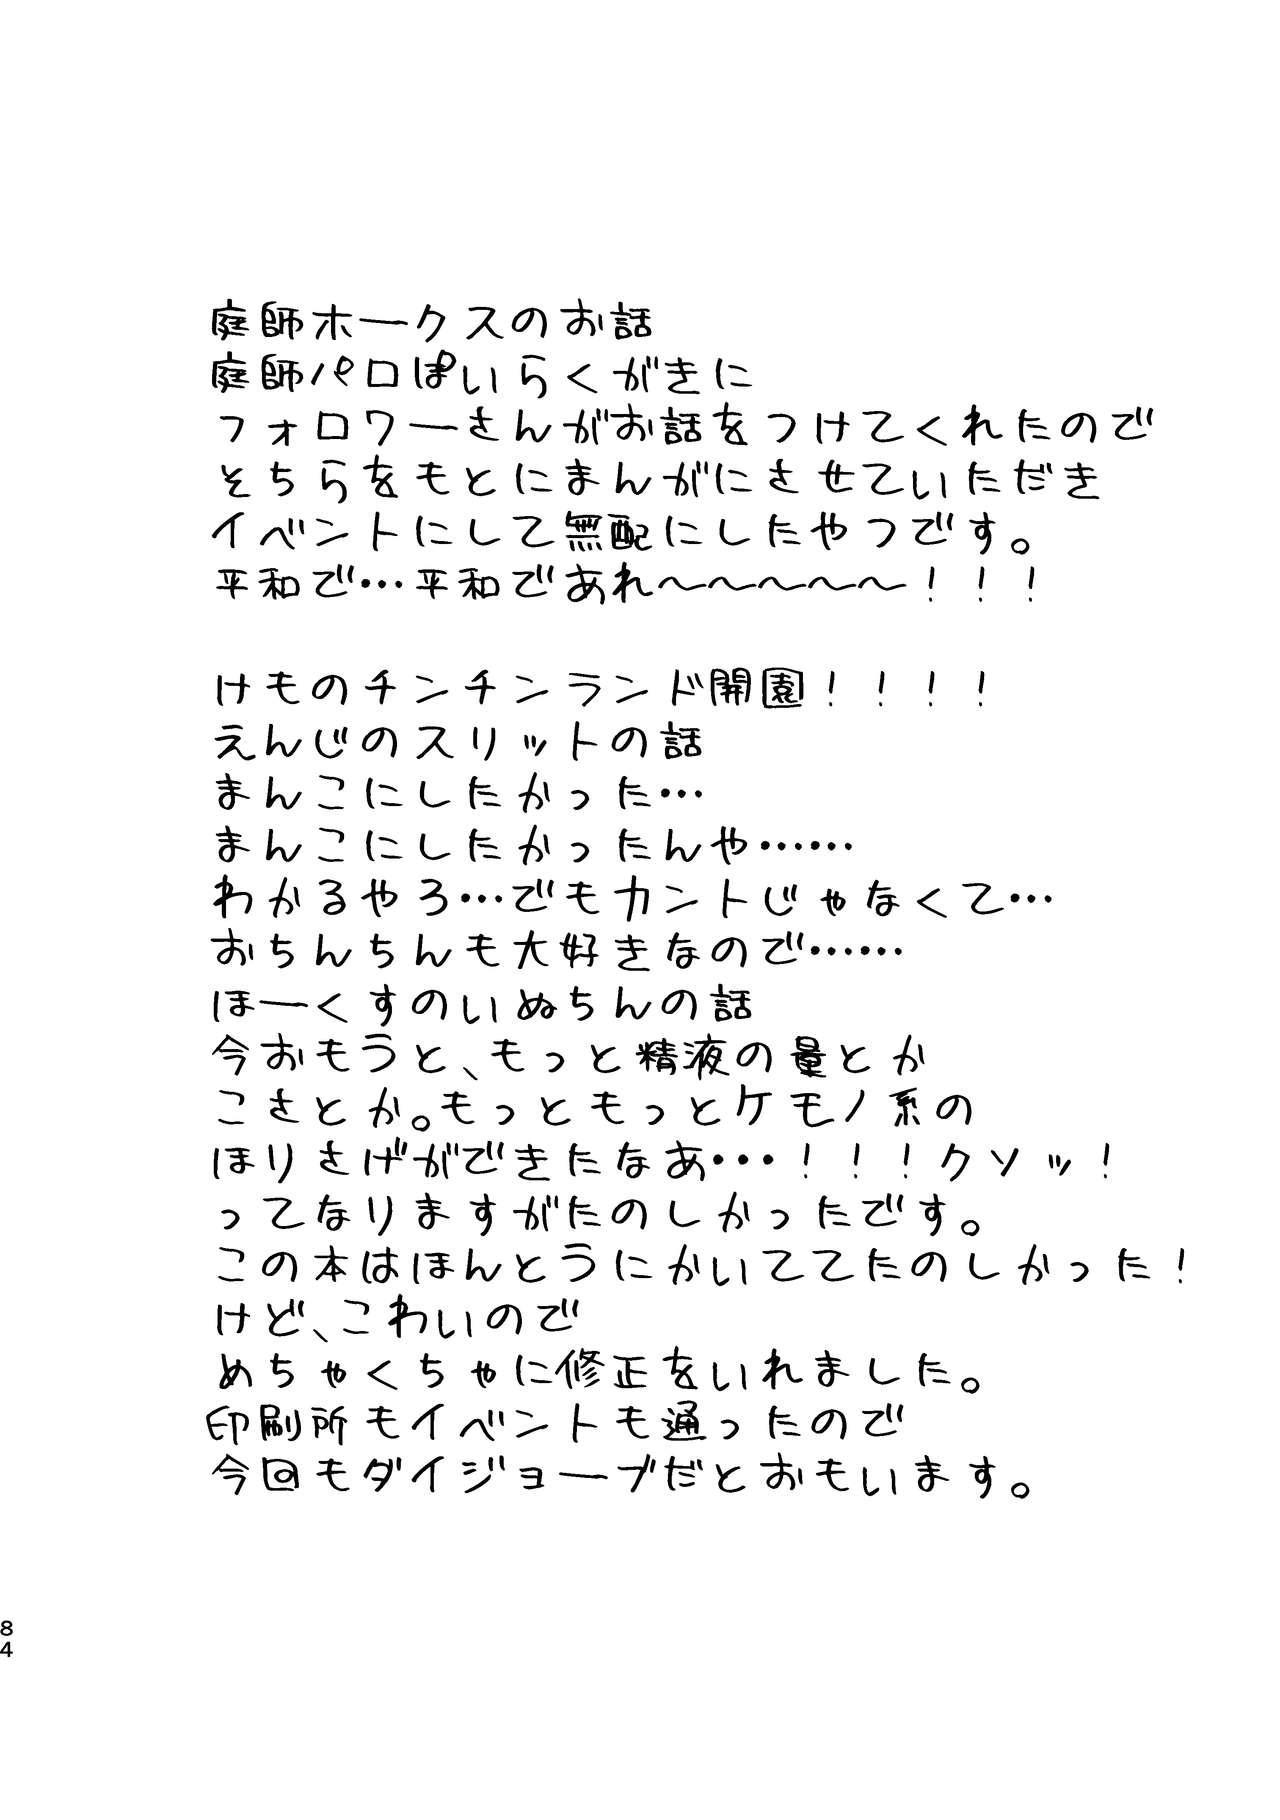 WEB Sairoku Zumi HawEn Manga ga Kami demo Yomeru Hon. 83